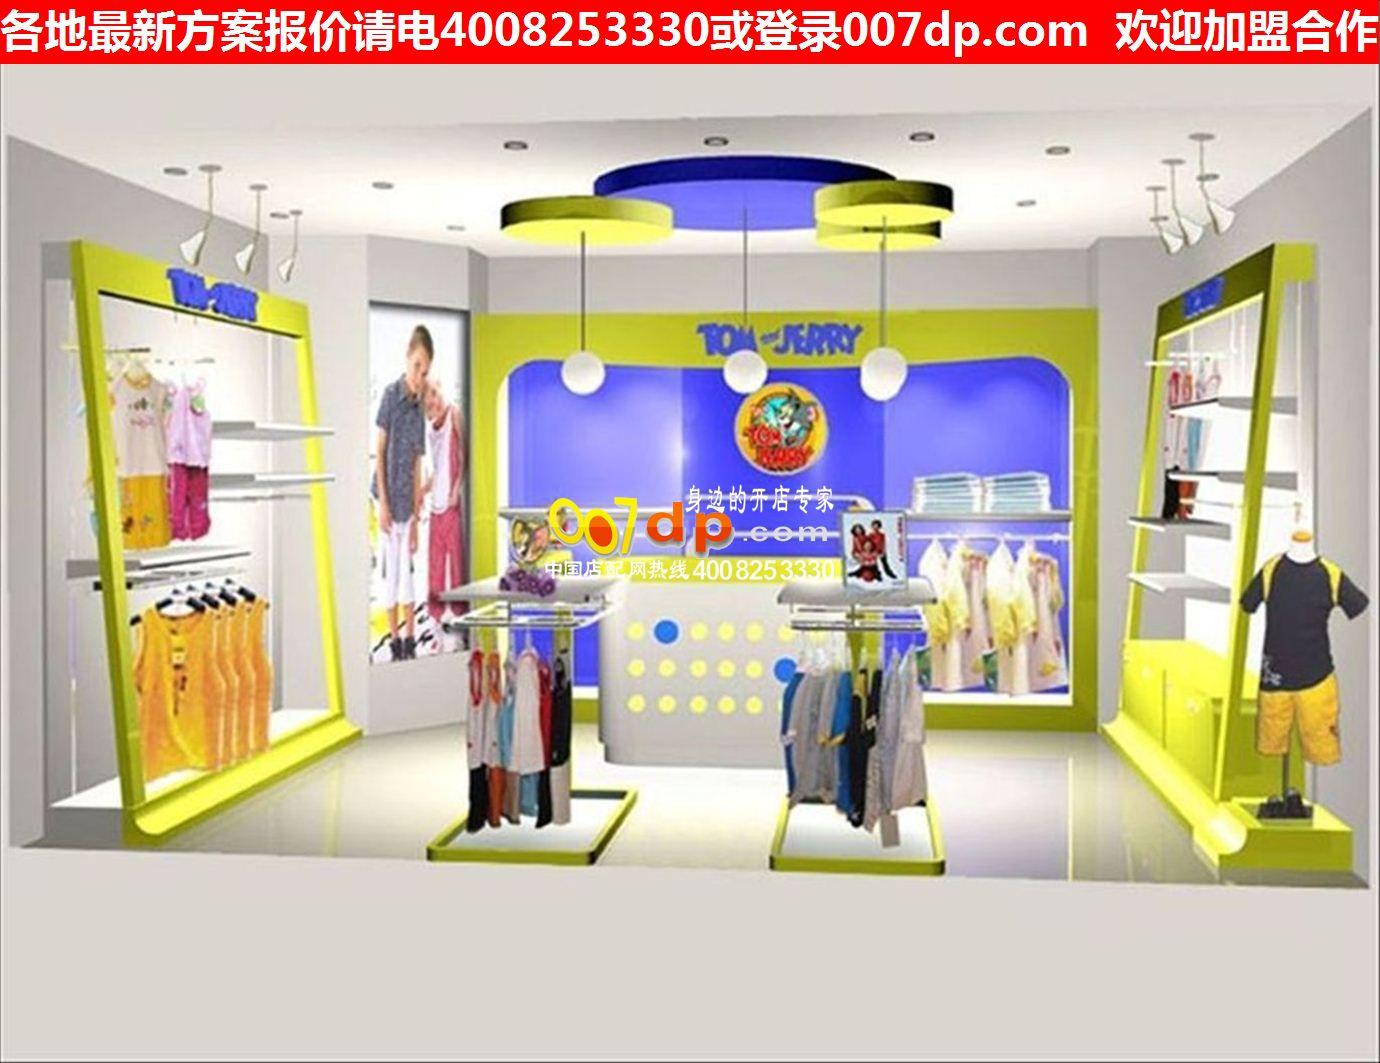 时尚个性童装店装修高档创意童装童鞋店货架展柜效果图1129